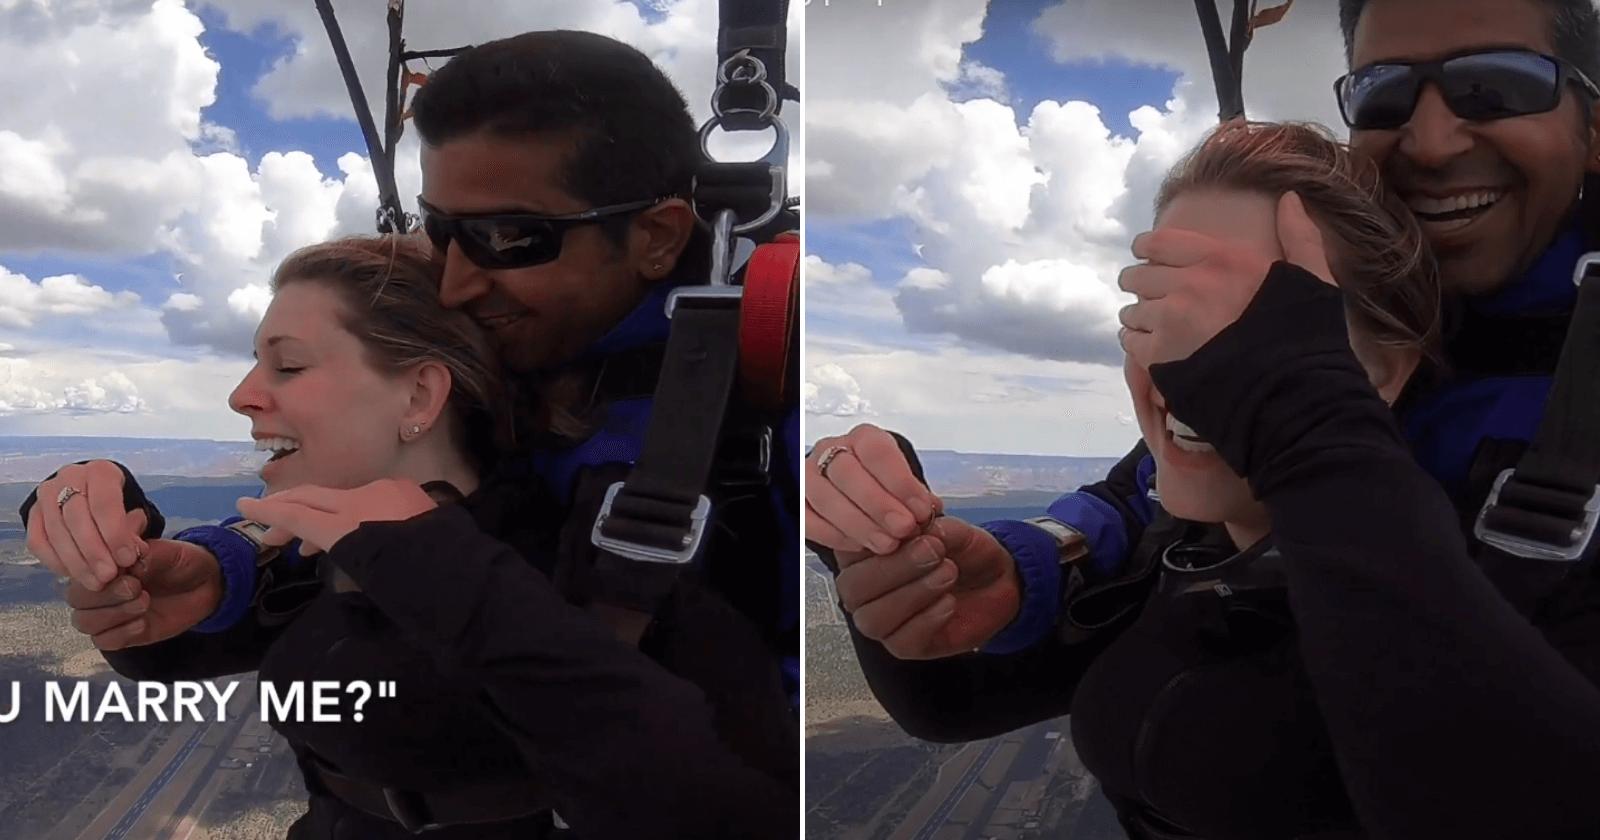 Paraquedista faz pedido de casamento no ar e namorada tem a MELHOR reação!